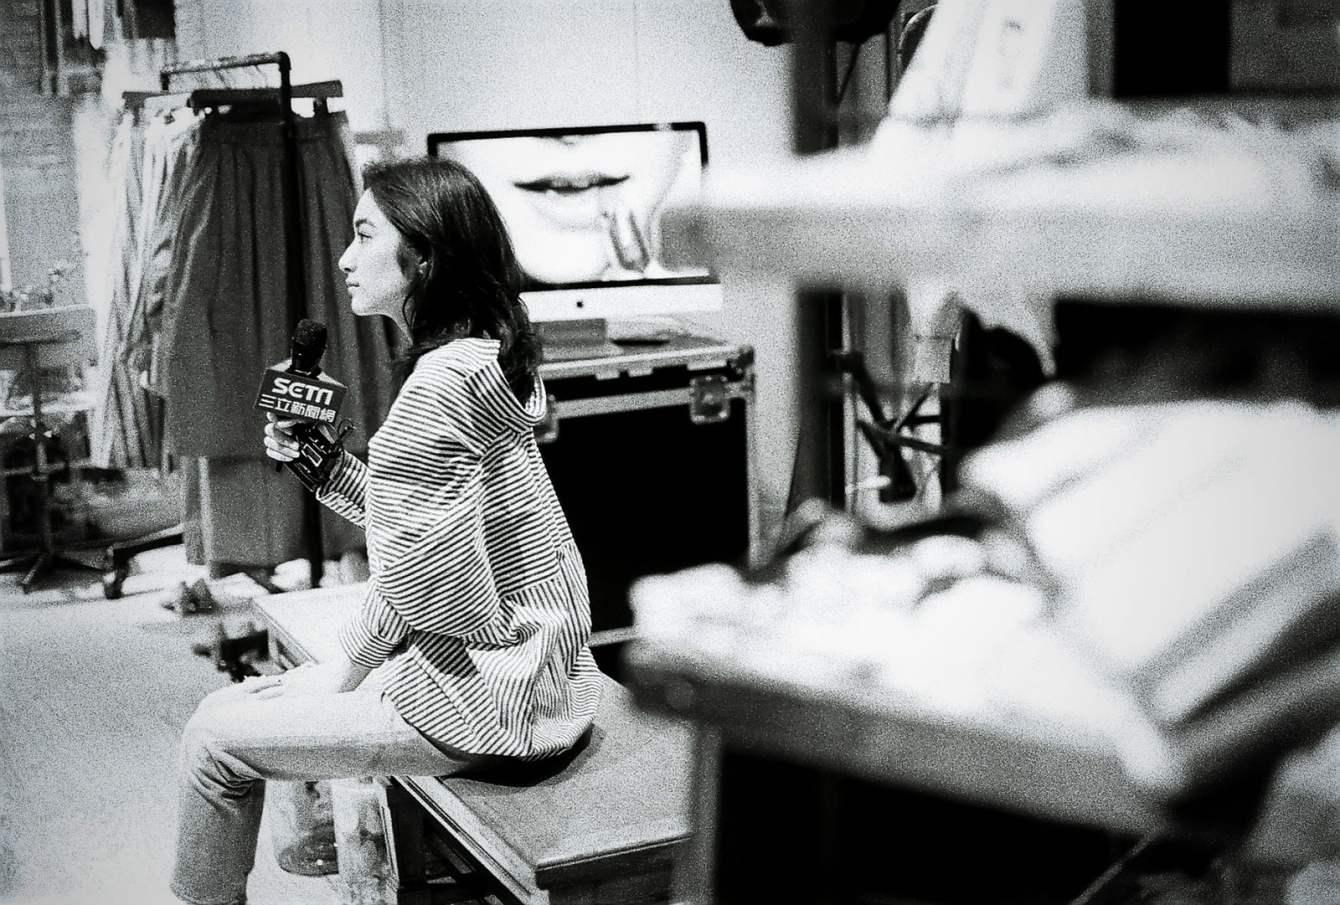 # 吉田沙世的日常定番:以 JOURNAL STANDARD 為基底所呈現的純粹穿衣哲學 9